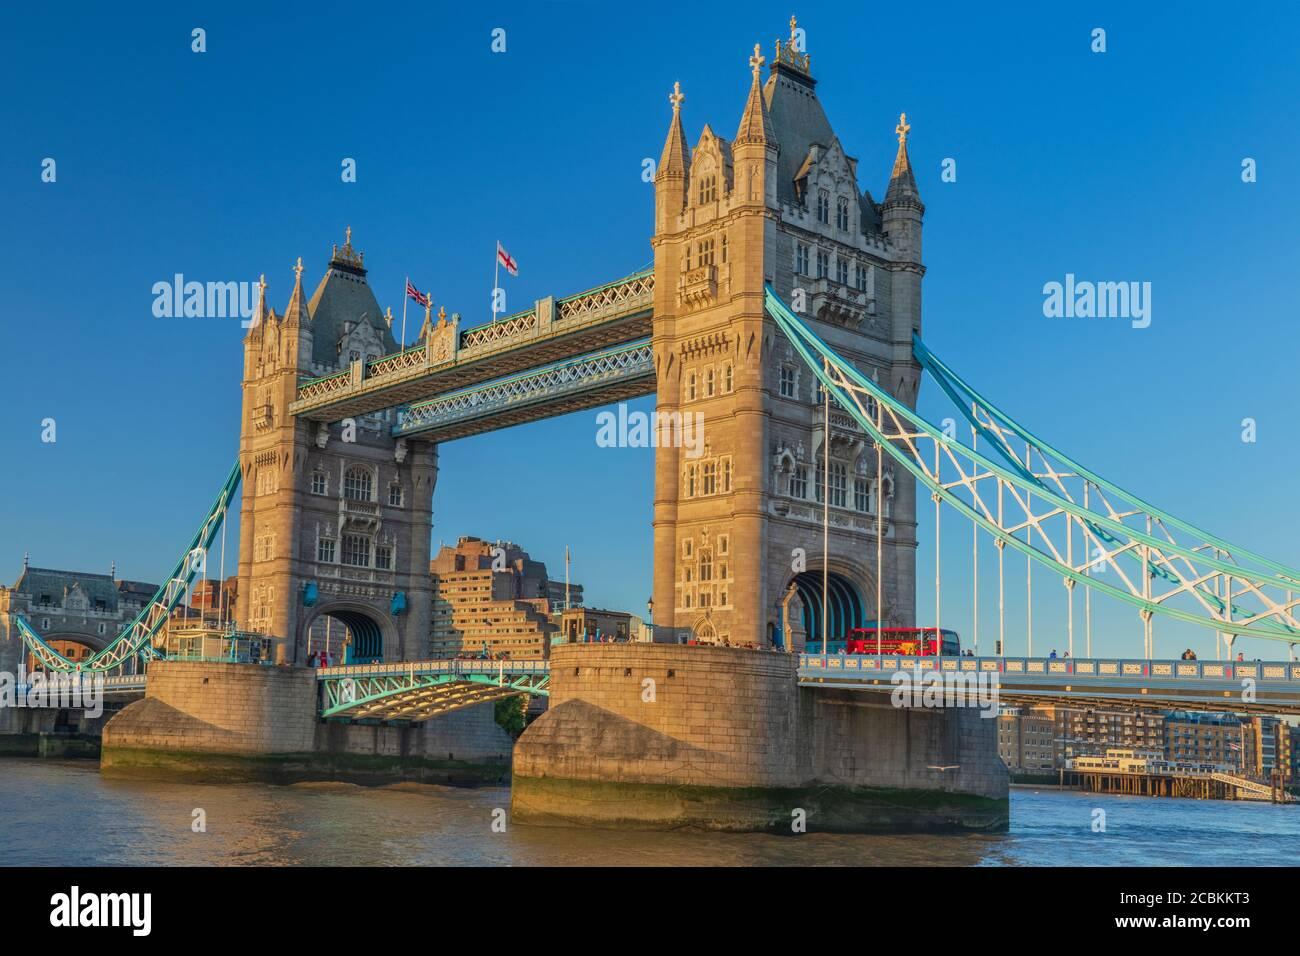 Inglaterra, Londres, Tower Bridge en la luz de la noche visto desde la orilla sur del río Támesis con un icónico autobús rojo de Londres cruzando el puente. Foto de stock